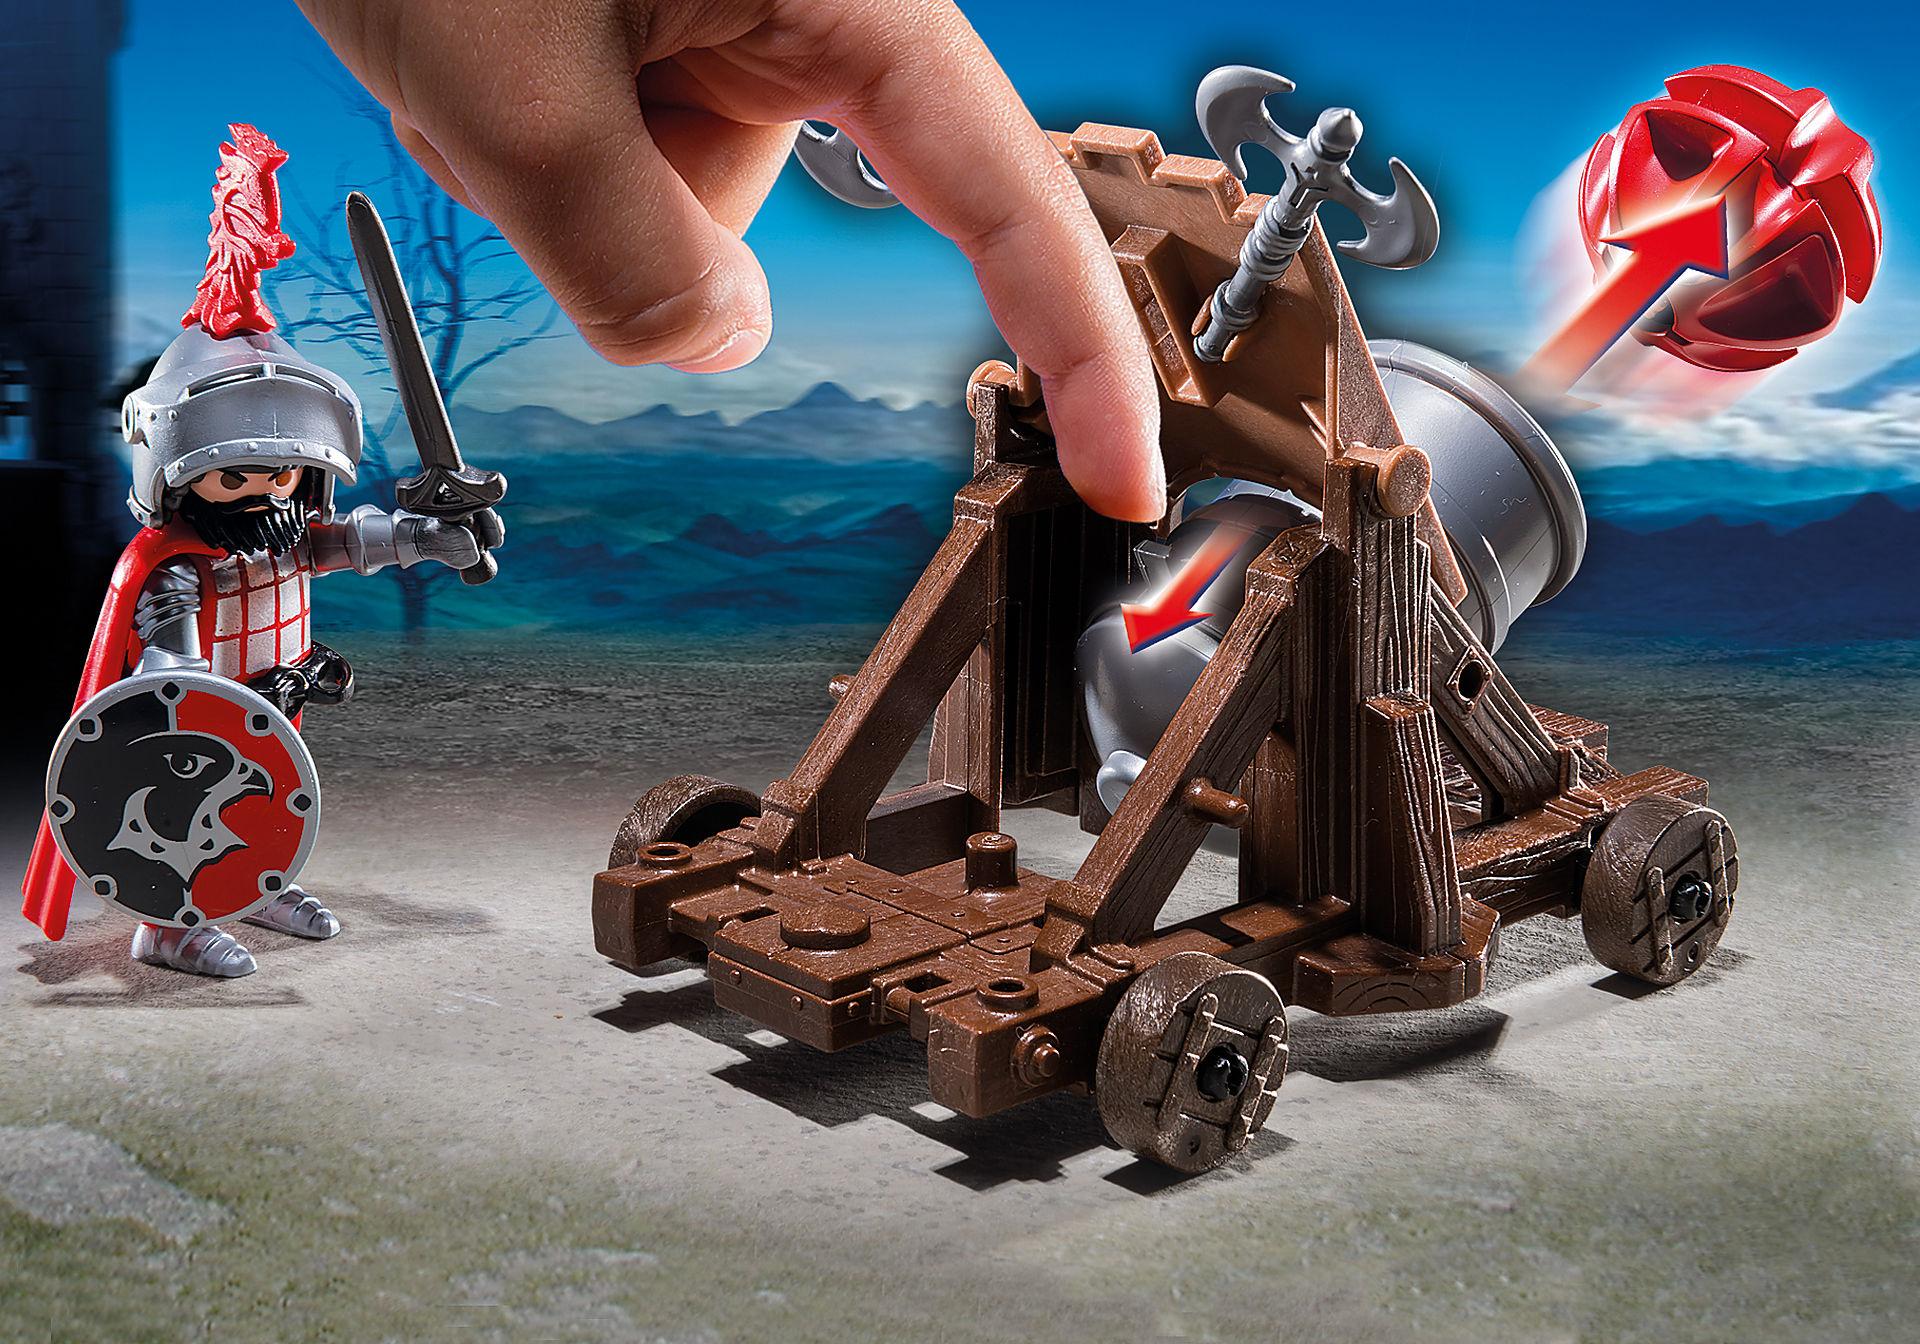 http://media.playmobil.com/i/playmobil/6038_product_extra2/Cavaleiros do Falcão com Canhão